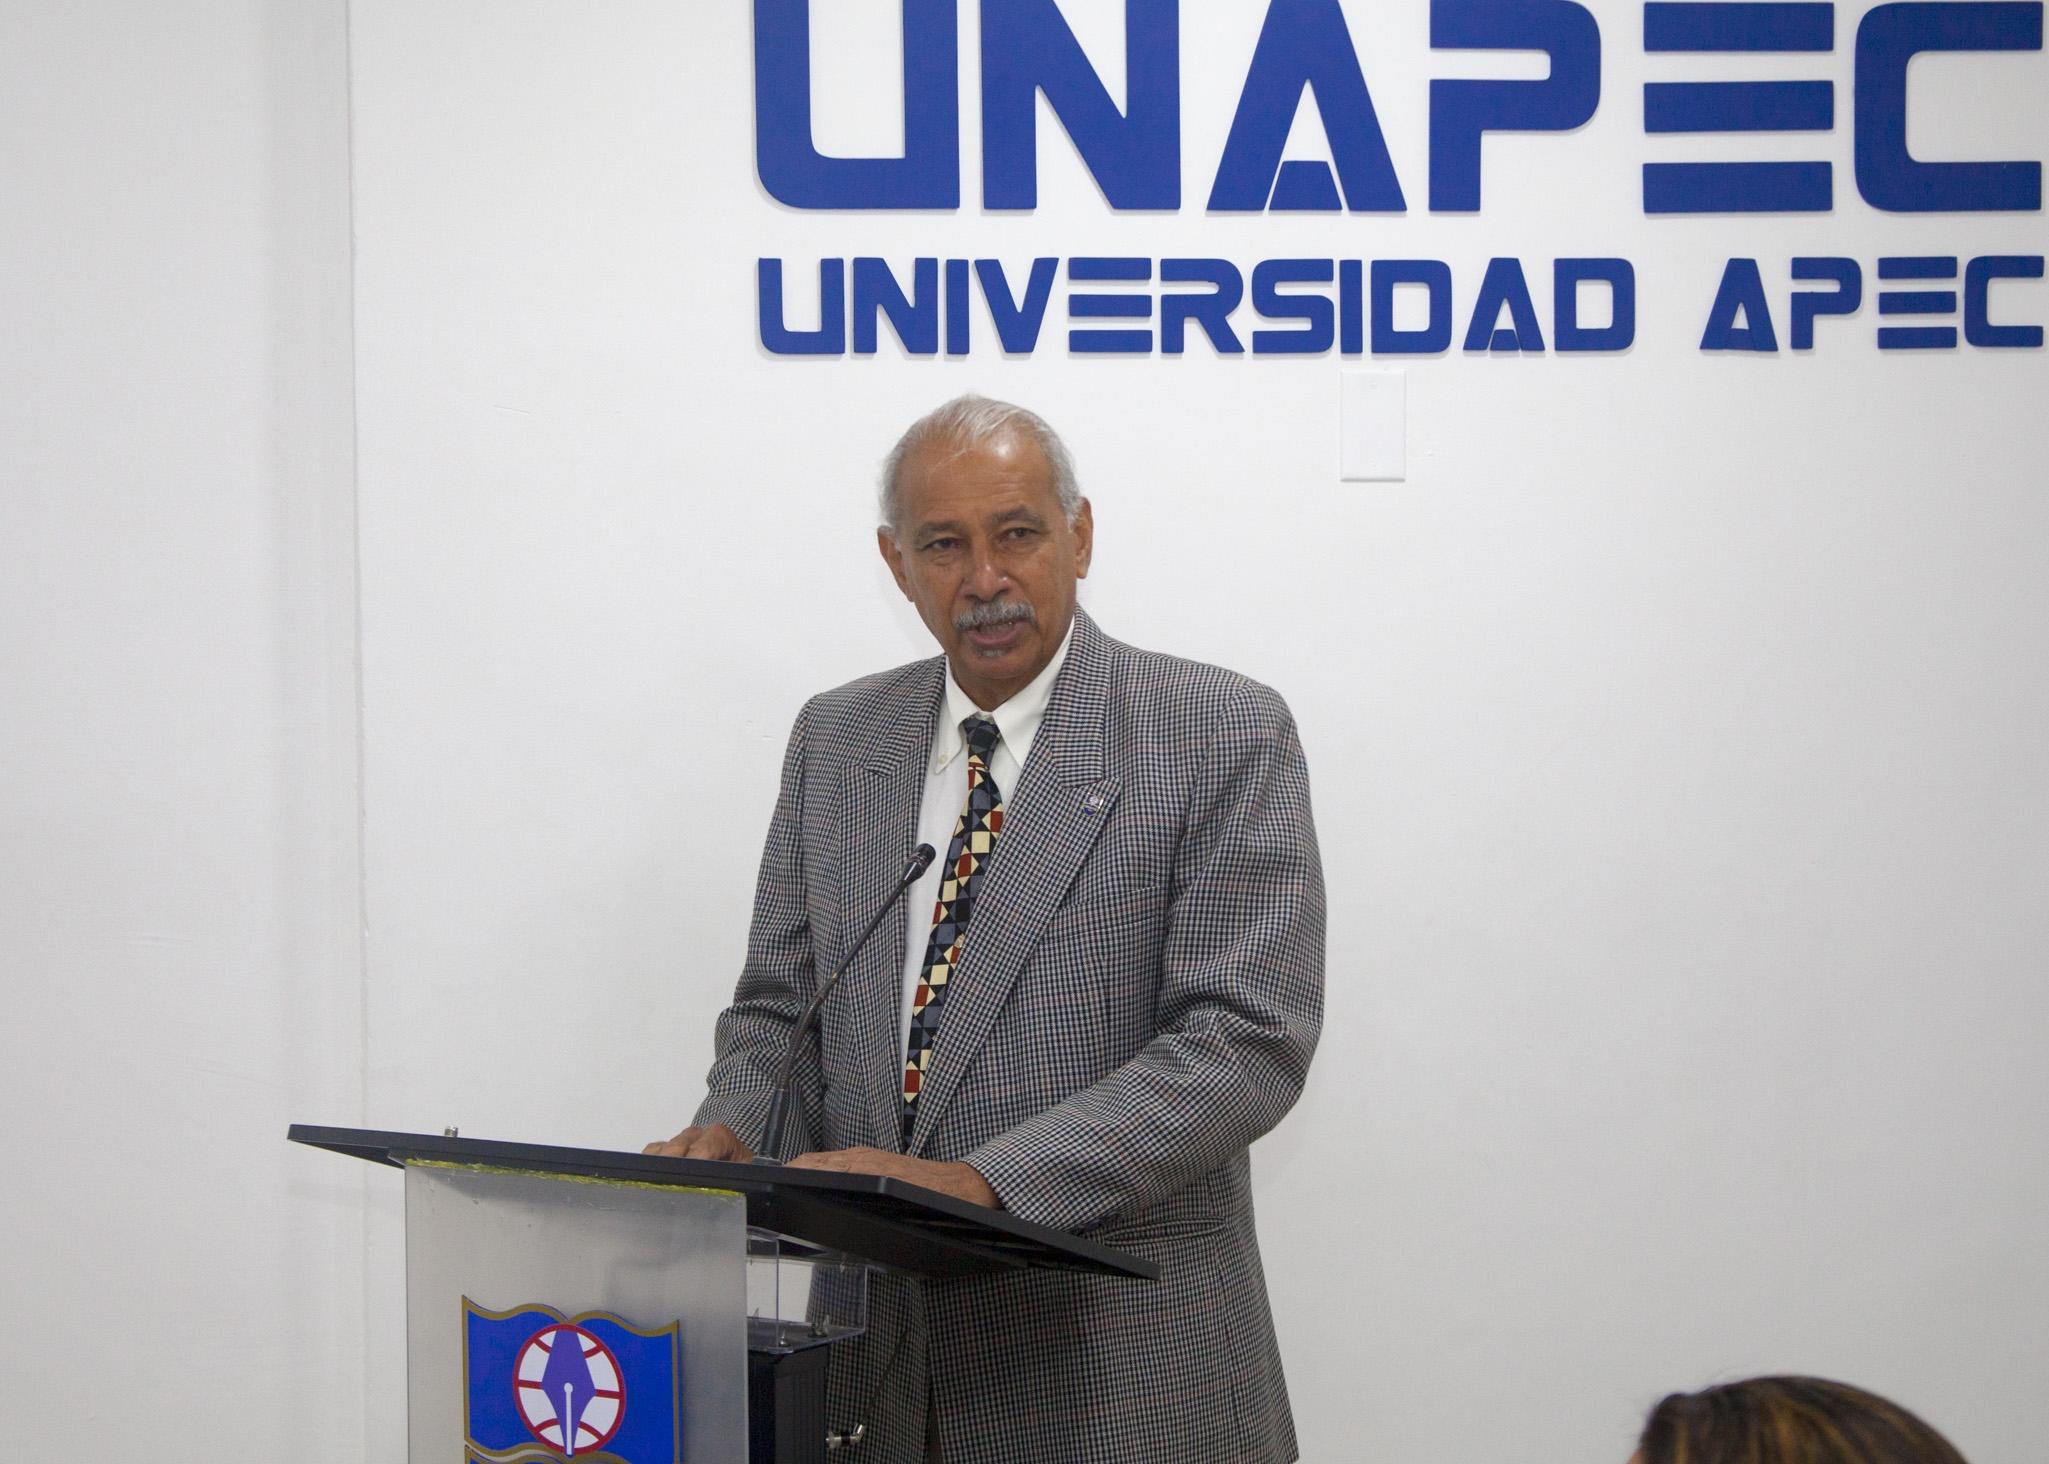 Francisco D Oleo, Vicerrector de Investigación, Innovación y Desarrollo Estratégico.